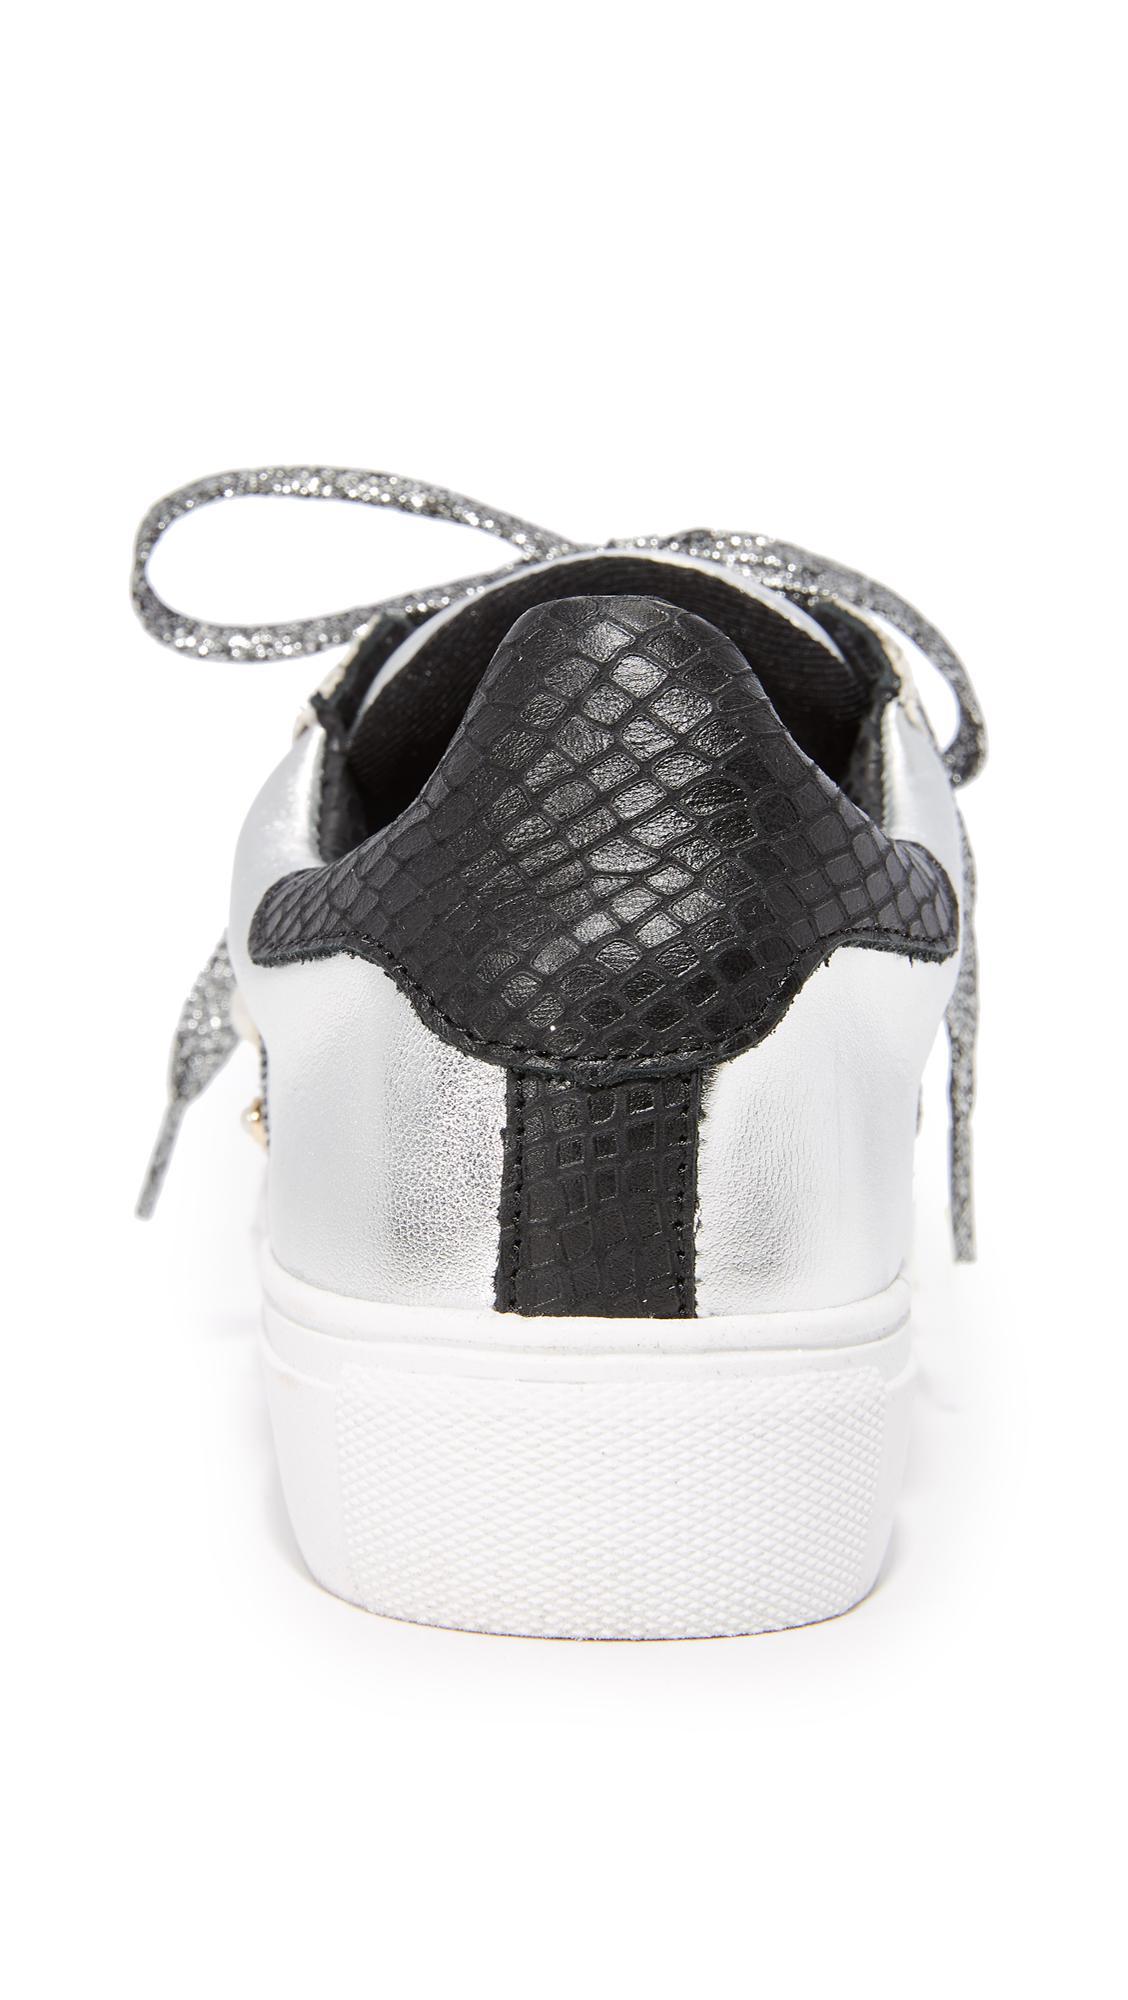 ecd0c1e97eeee Steven by Steve Madden Metallic Cory Classic Sneakers